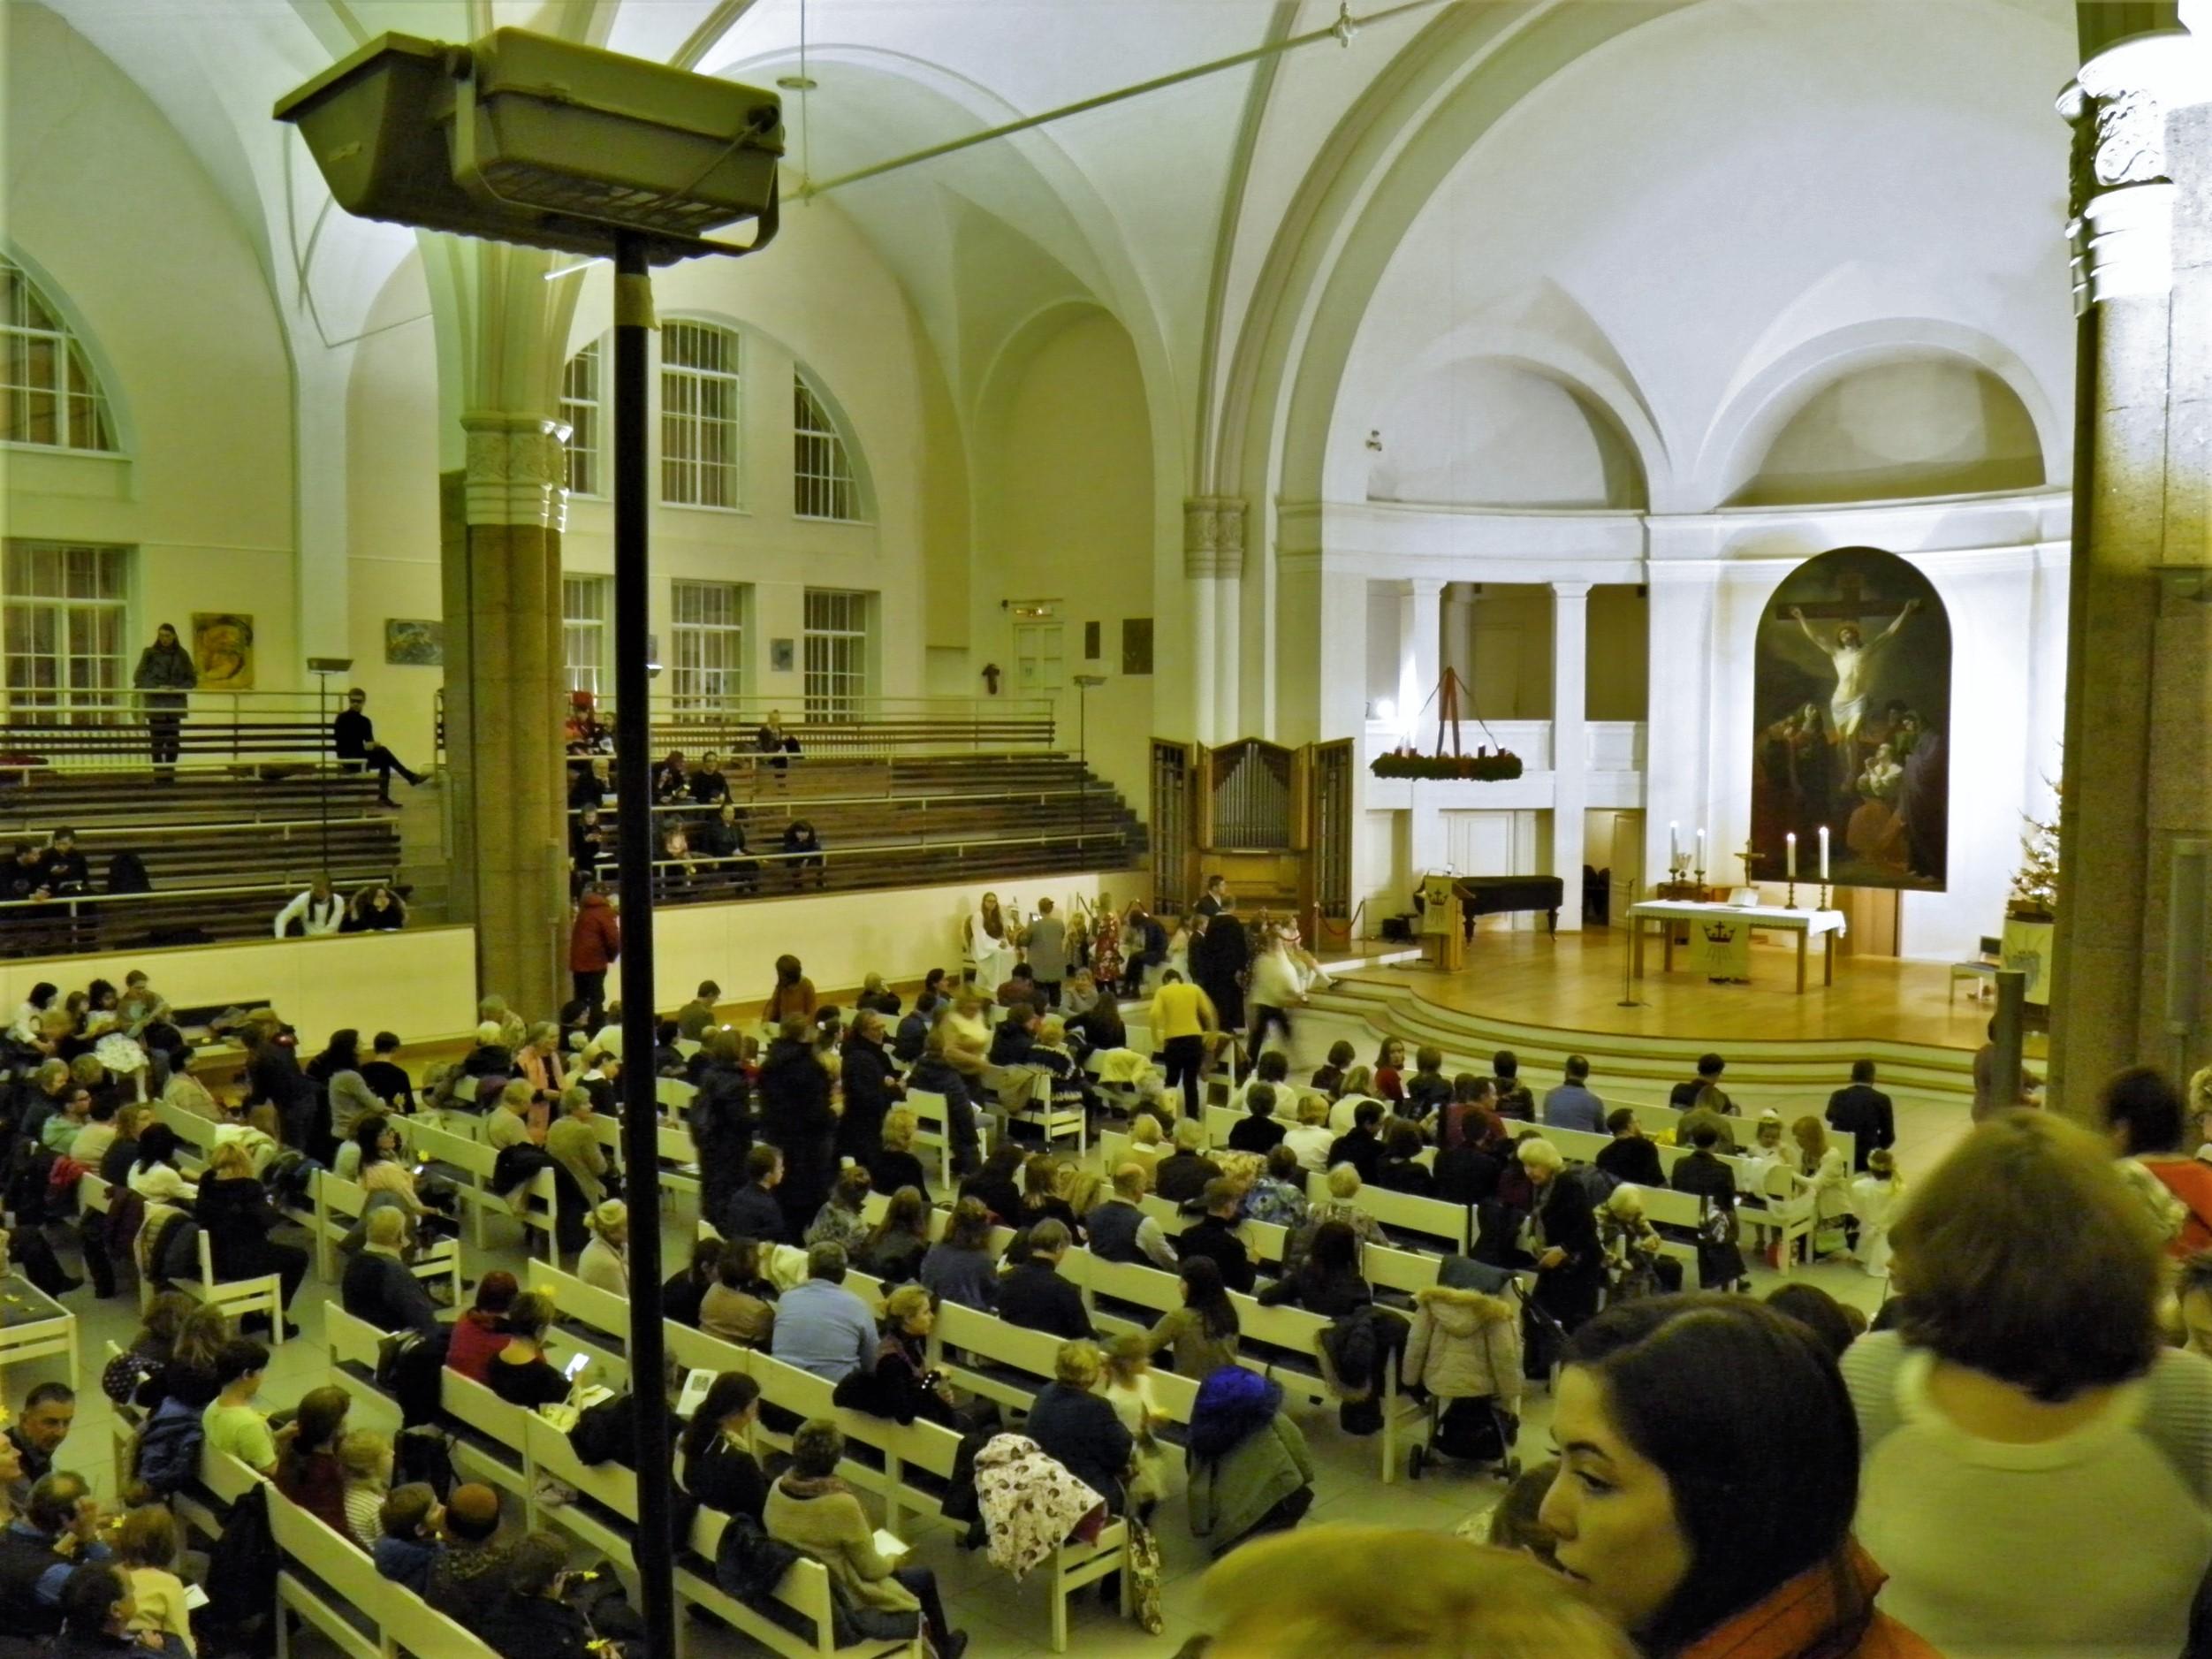 Богослужение в Сочельник, Петрикирхе, «Рождественский марафон», 24.12.2019 (фото: А.Камалдинов)